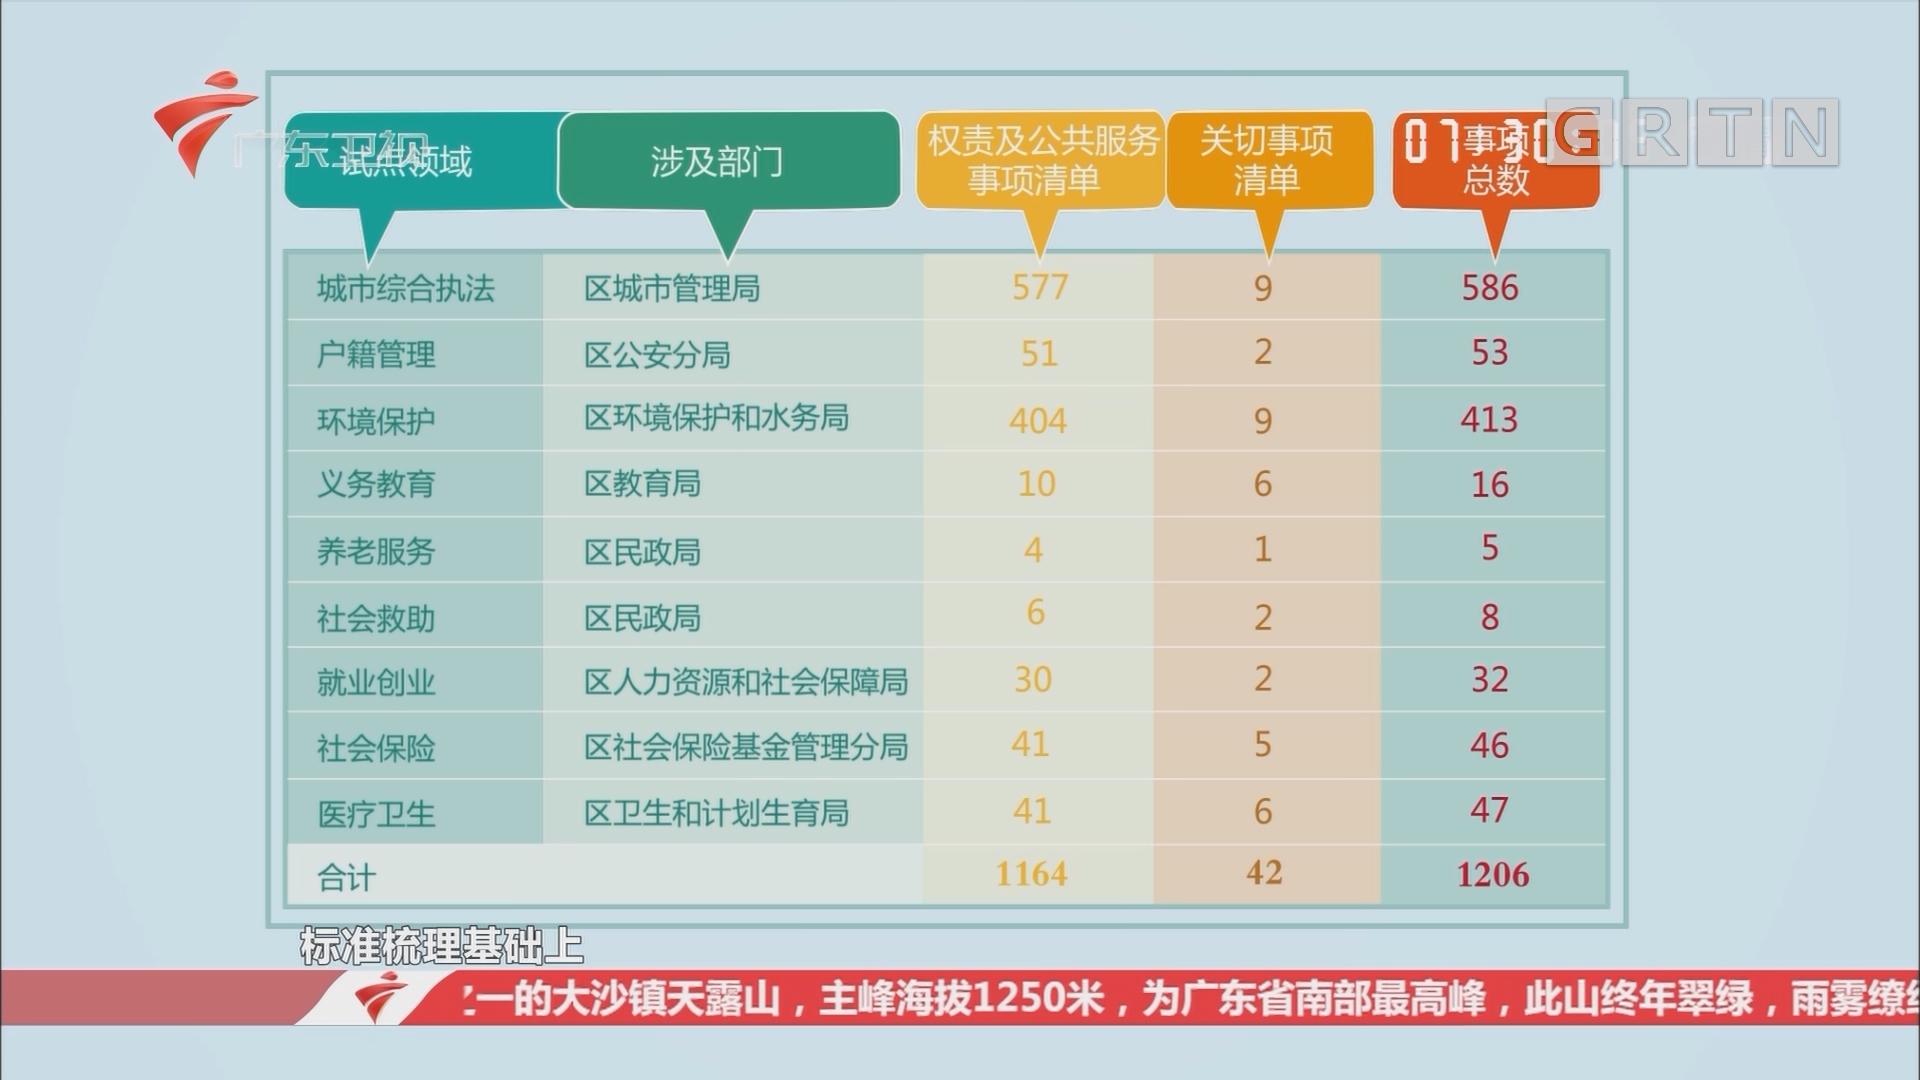 深圳罗湖:推行三层级政务公开 打造人民满意政府